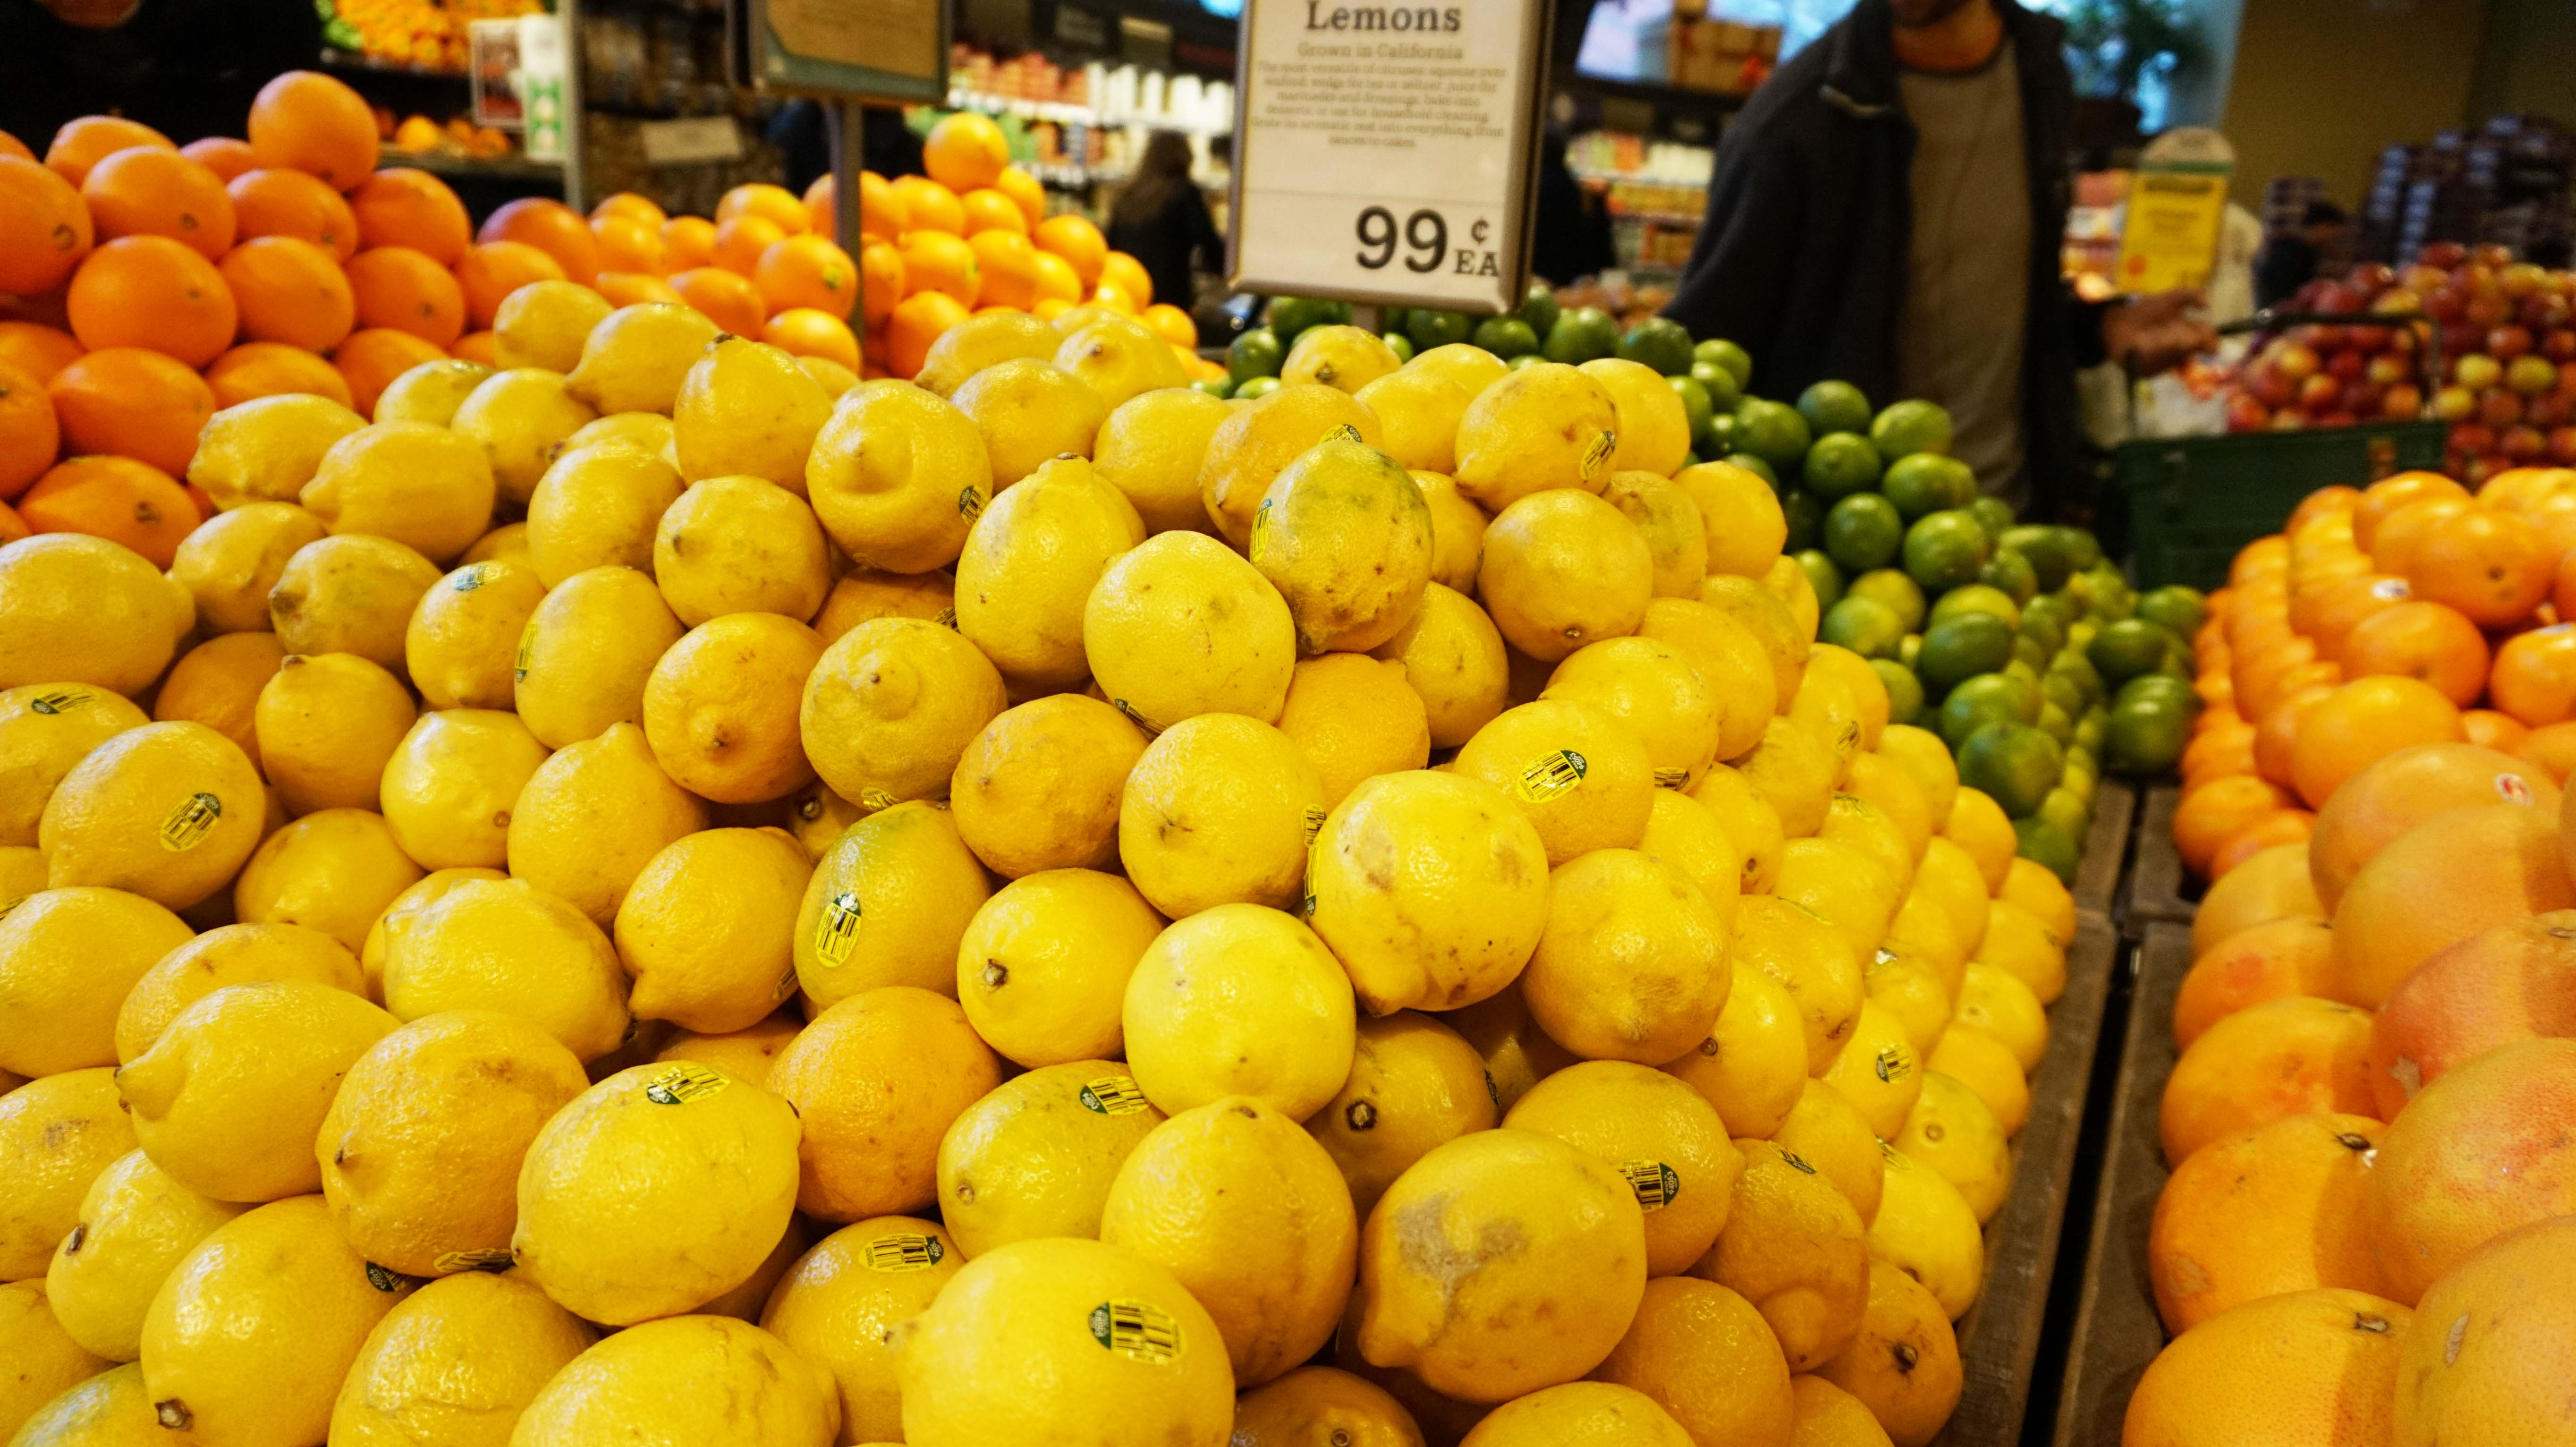 Whole Foods lemons